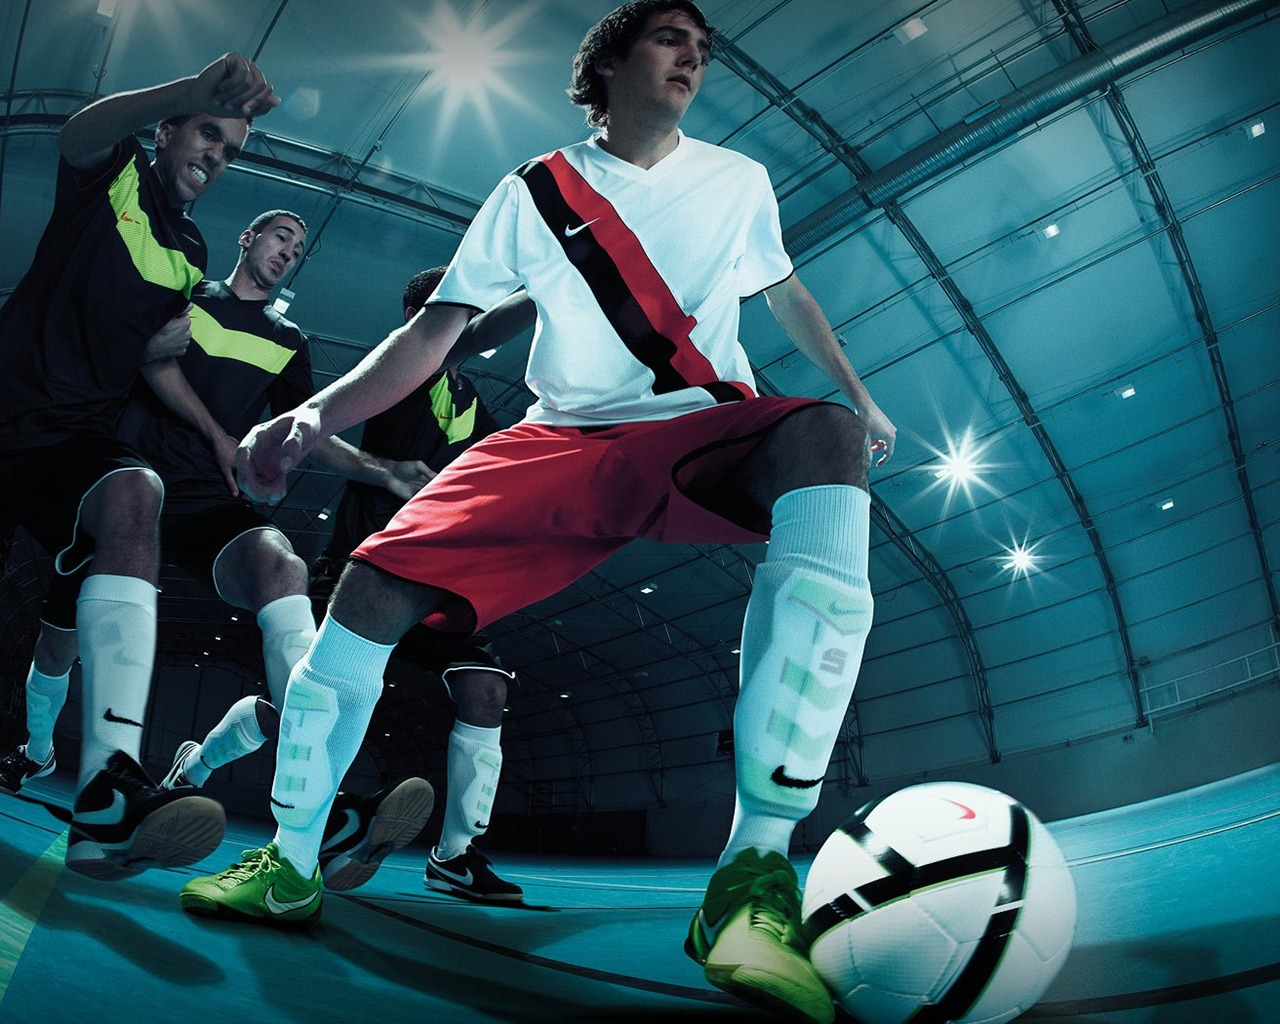 Futsal Wallpaper: NIKE 5 Futsal Nike Boots Wallpaper-1280x1024 Download